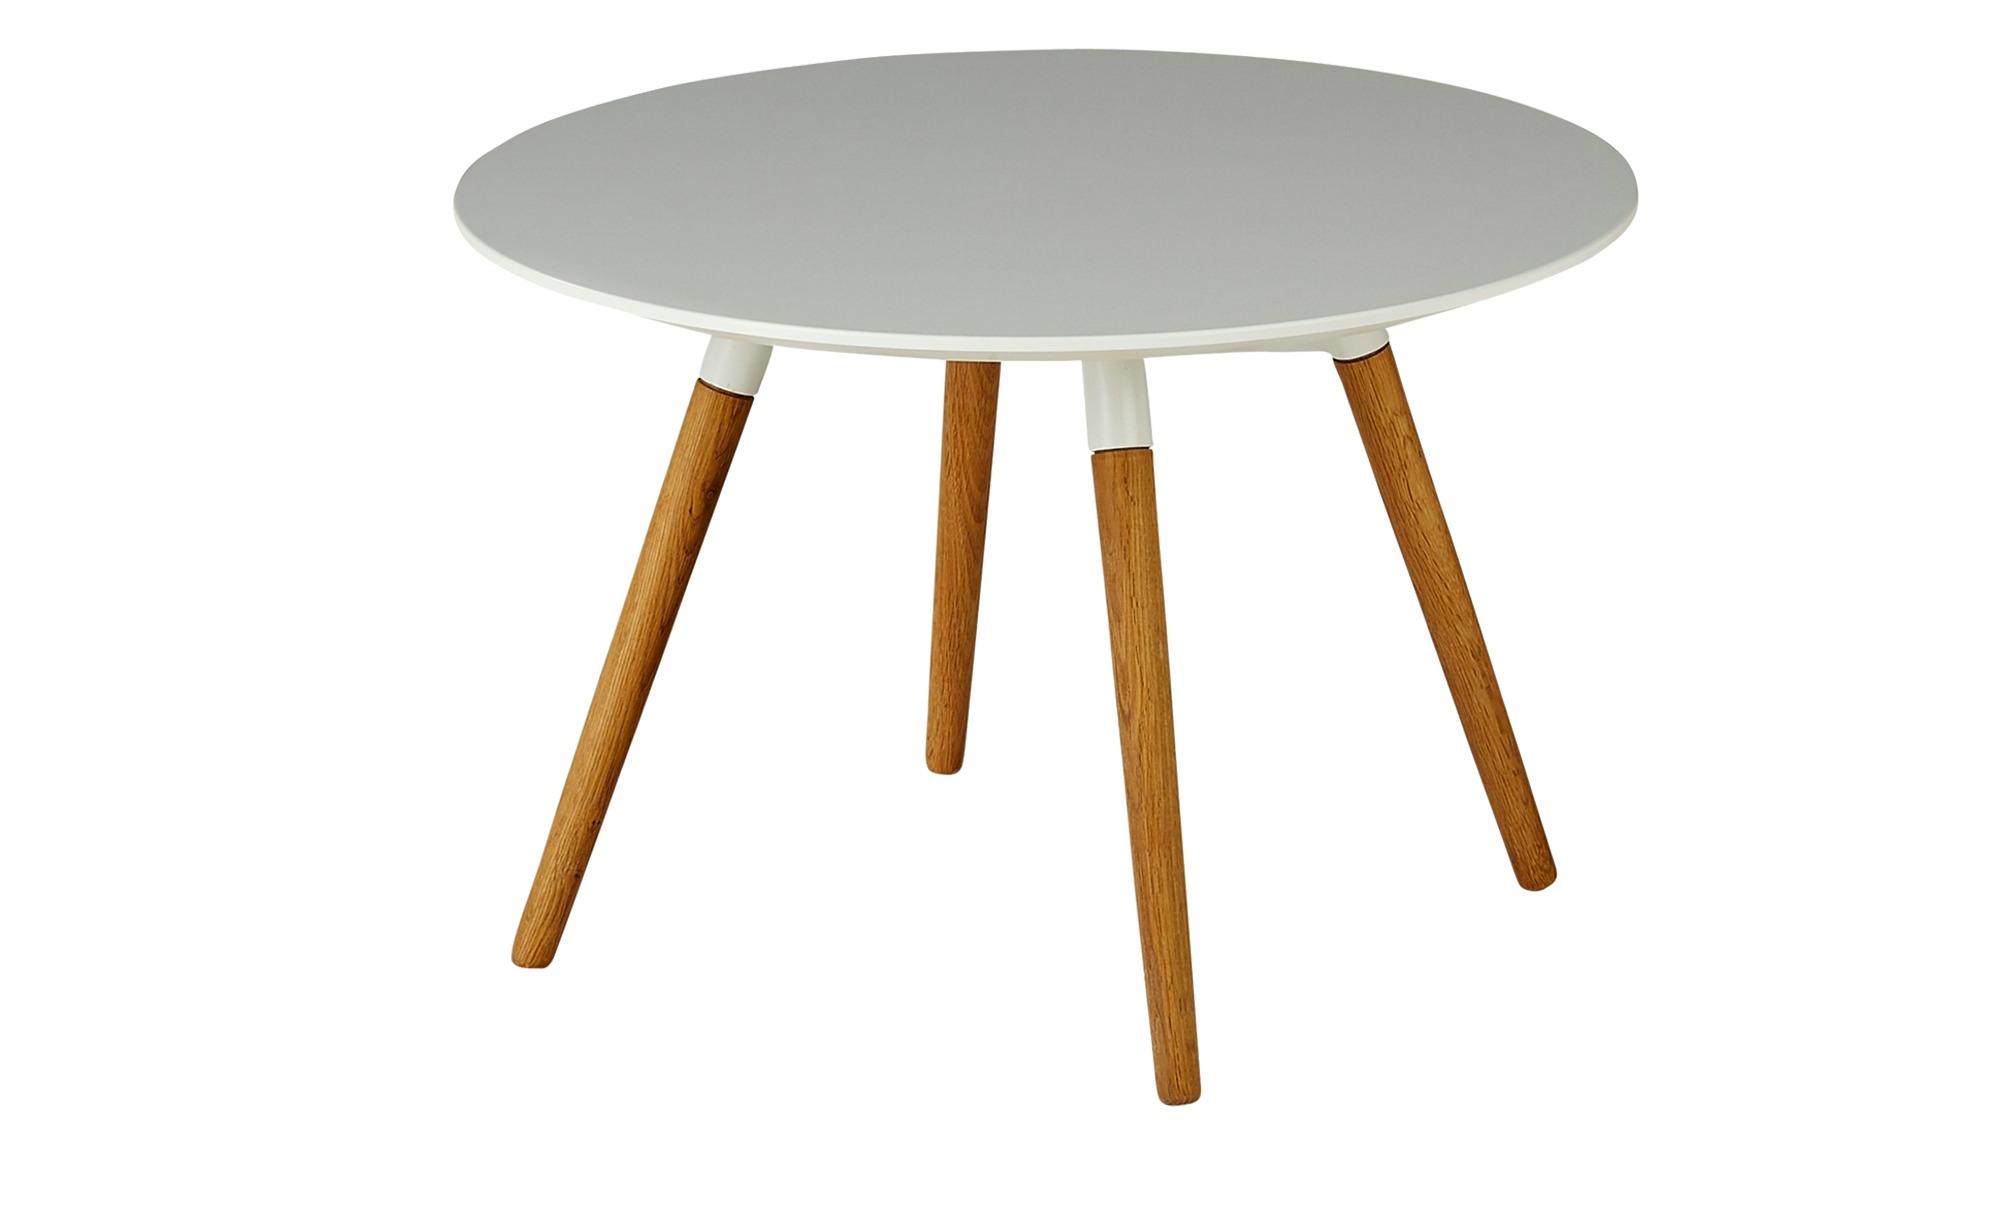 Tische bei Höffner - große Auswahl & günstiger Preis